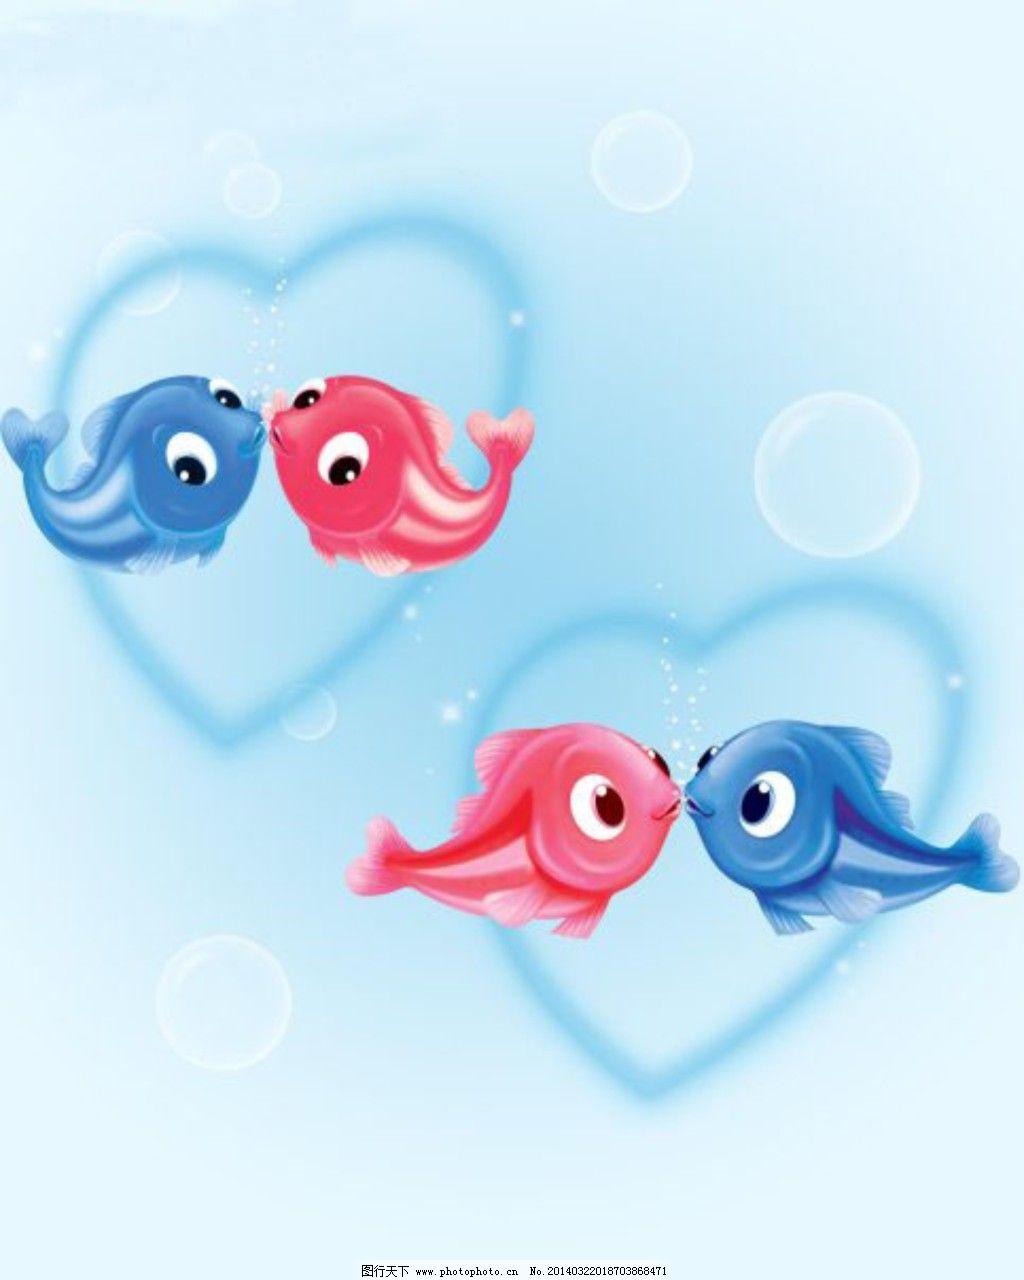 蓝色 水泡 小鱼 小鱼 蓝色 水泡 图片素材 卡通 动漫 可爱图片